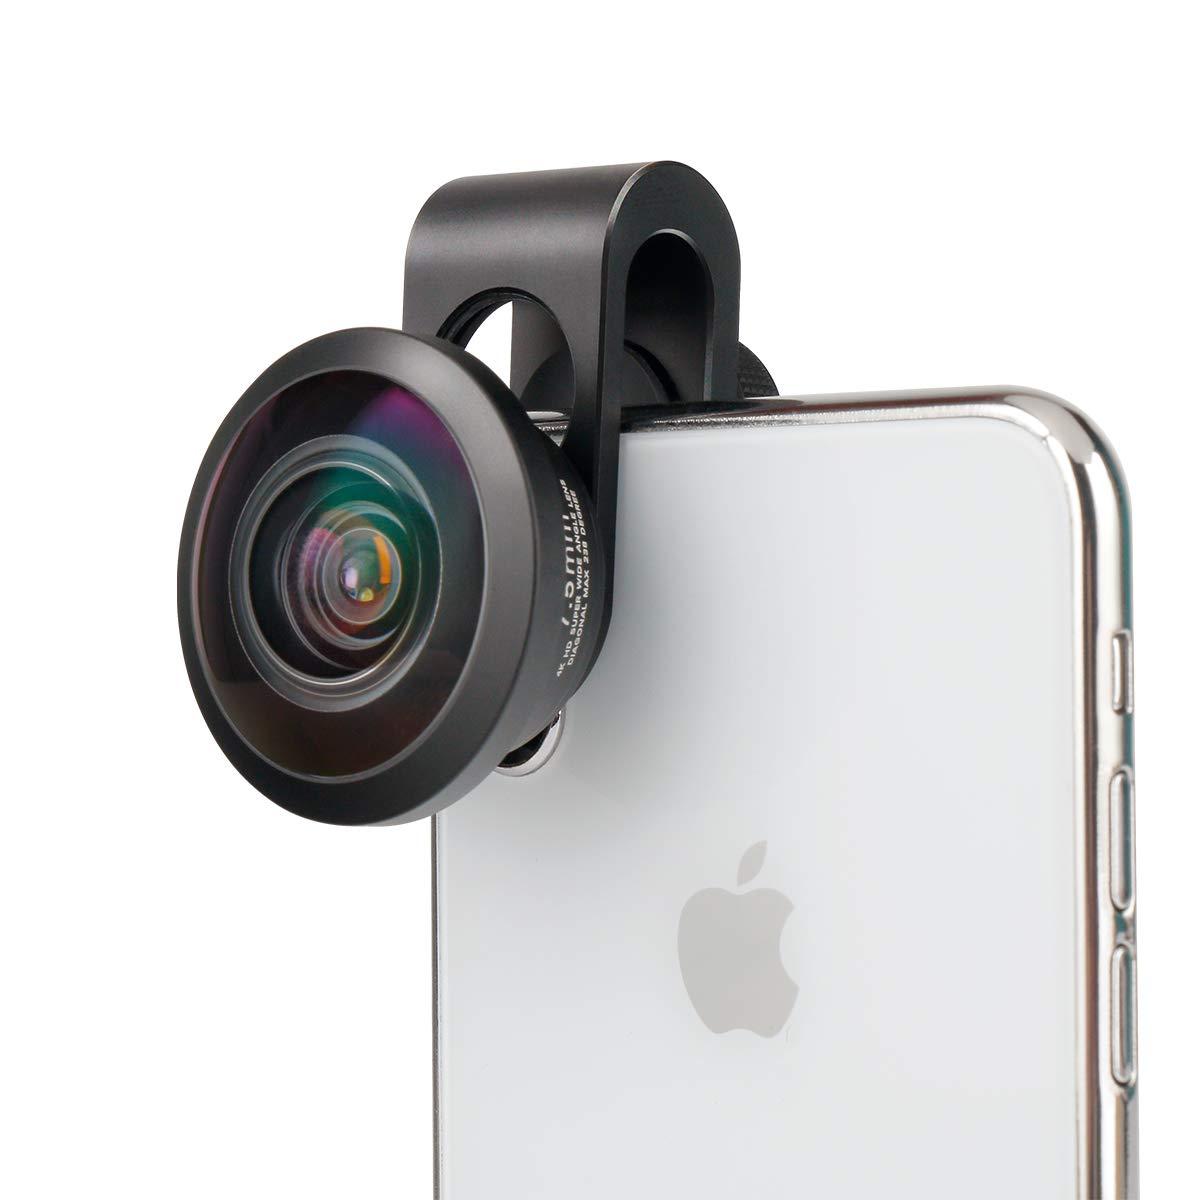 17mm Clip ULANZI Fischaugen Objektiv 238 /° Telefon Kamera Objektiv Universal f/ür iPhone 11 Pro Max X XR XS Max 8 7 6S Plus Samsung Galaxy S10 S9 Google Pixel OnePlus 7 Pro Android Handys